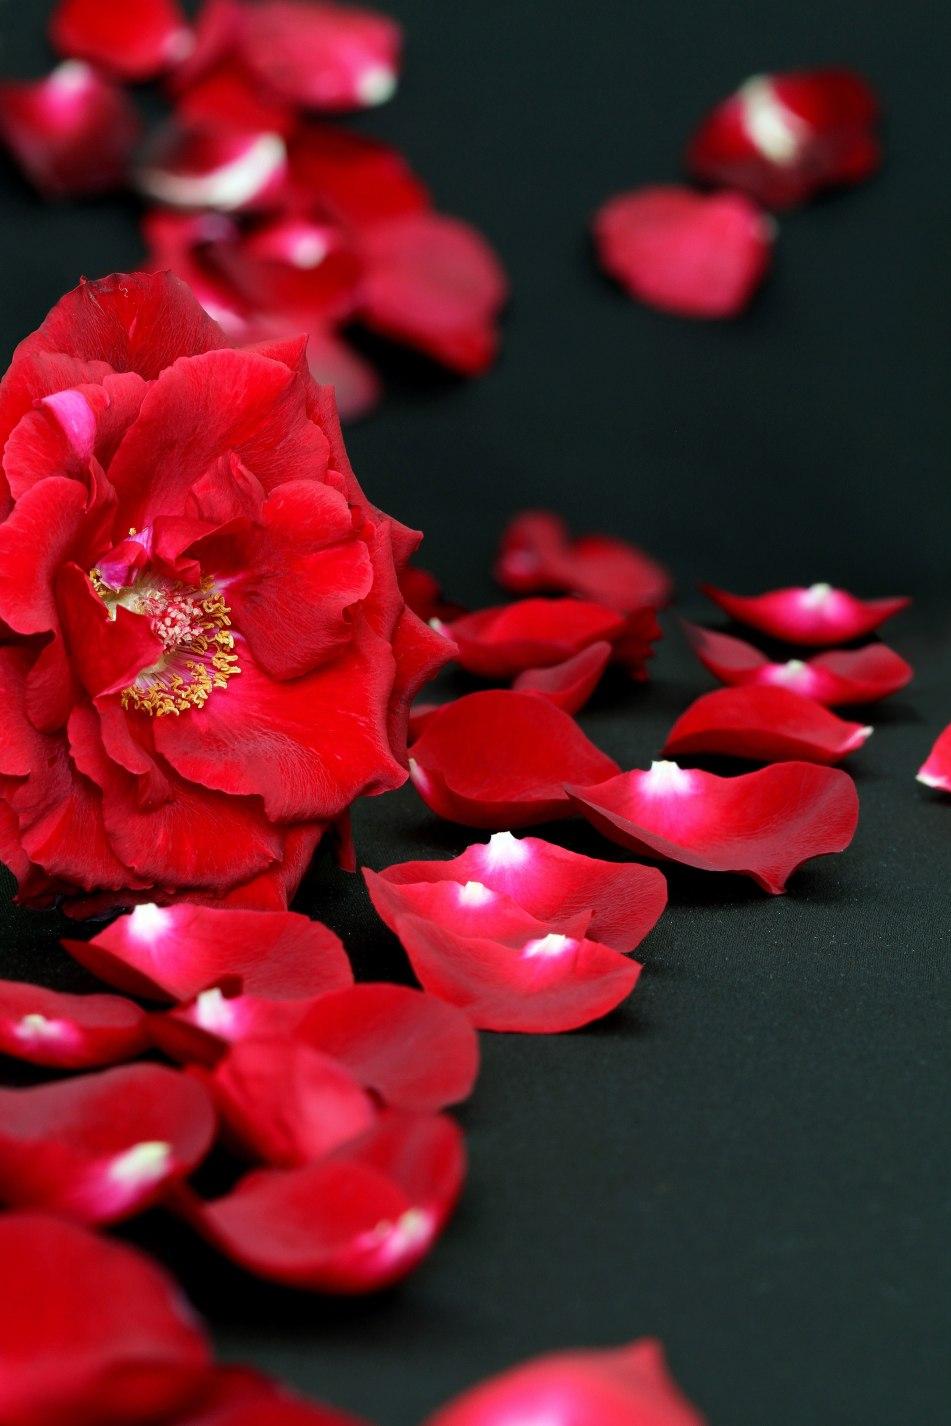 Rote Rosen sind die farblich beliebtesten Rosen. Sie gelten als Symbol der Liebe. Foto: Andreas Lindow